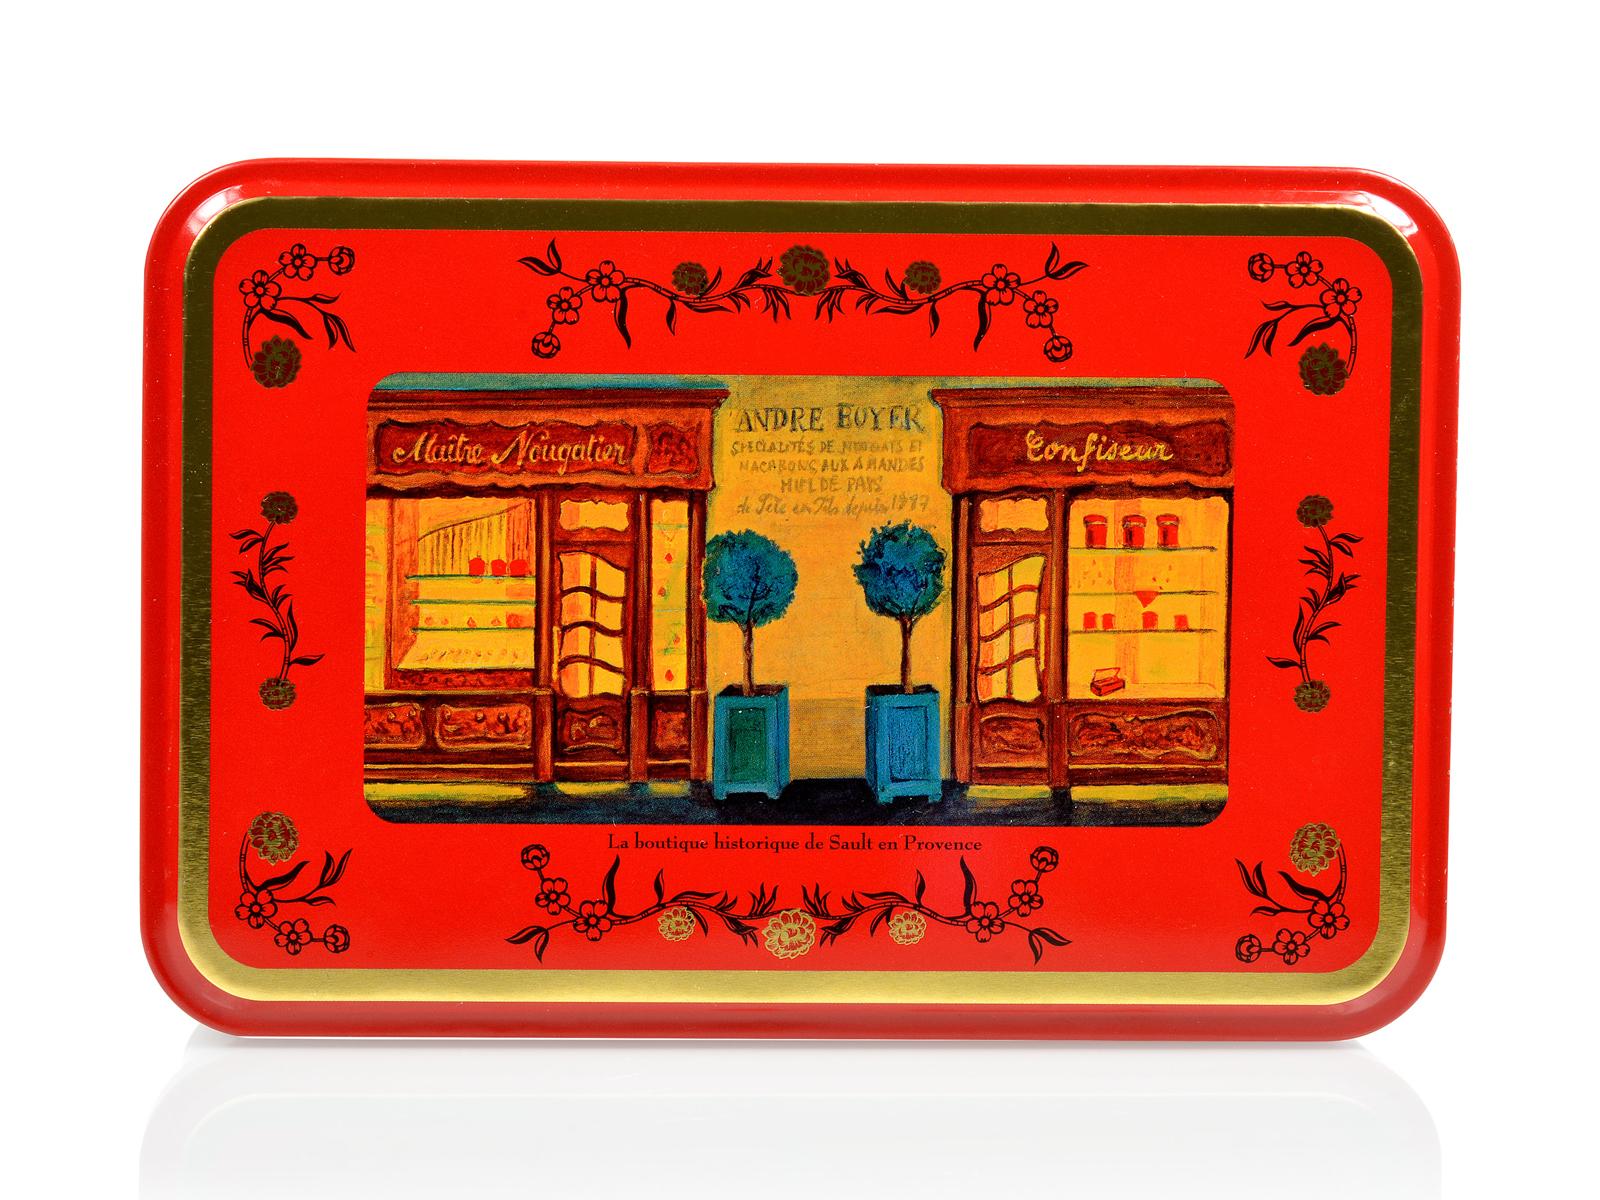 vitrine-artisans-gourmands-maison-andre-boyer-boite-collector-nougat-noel